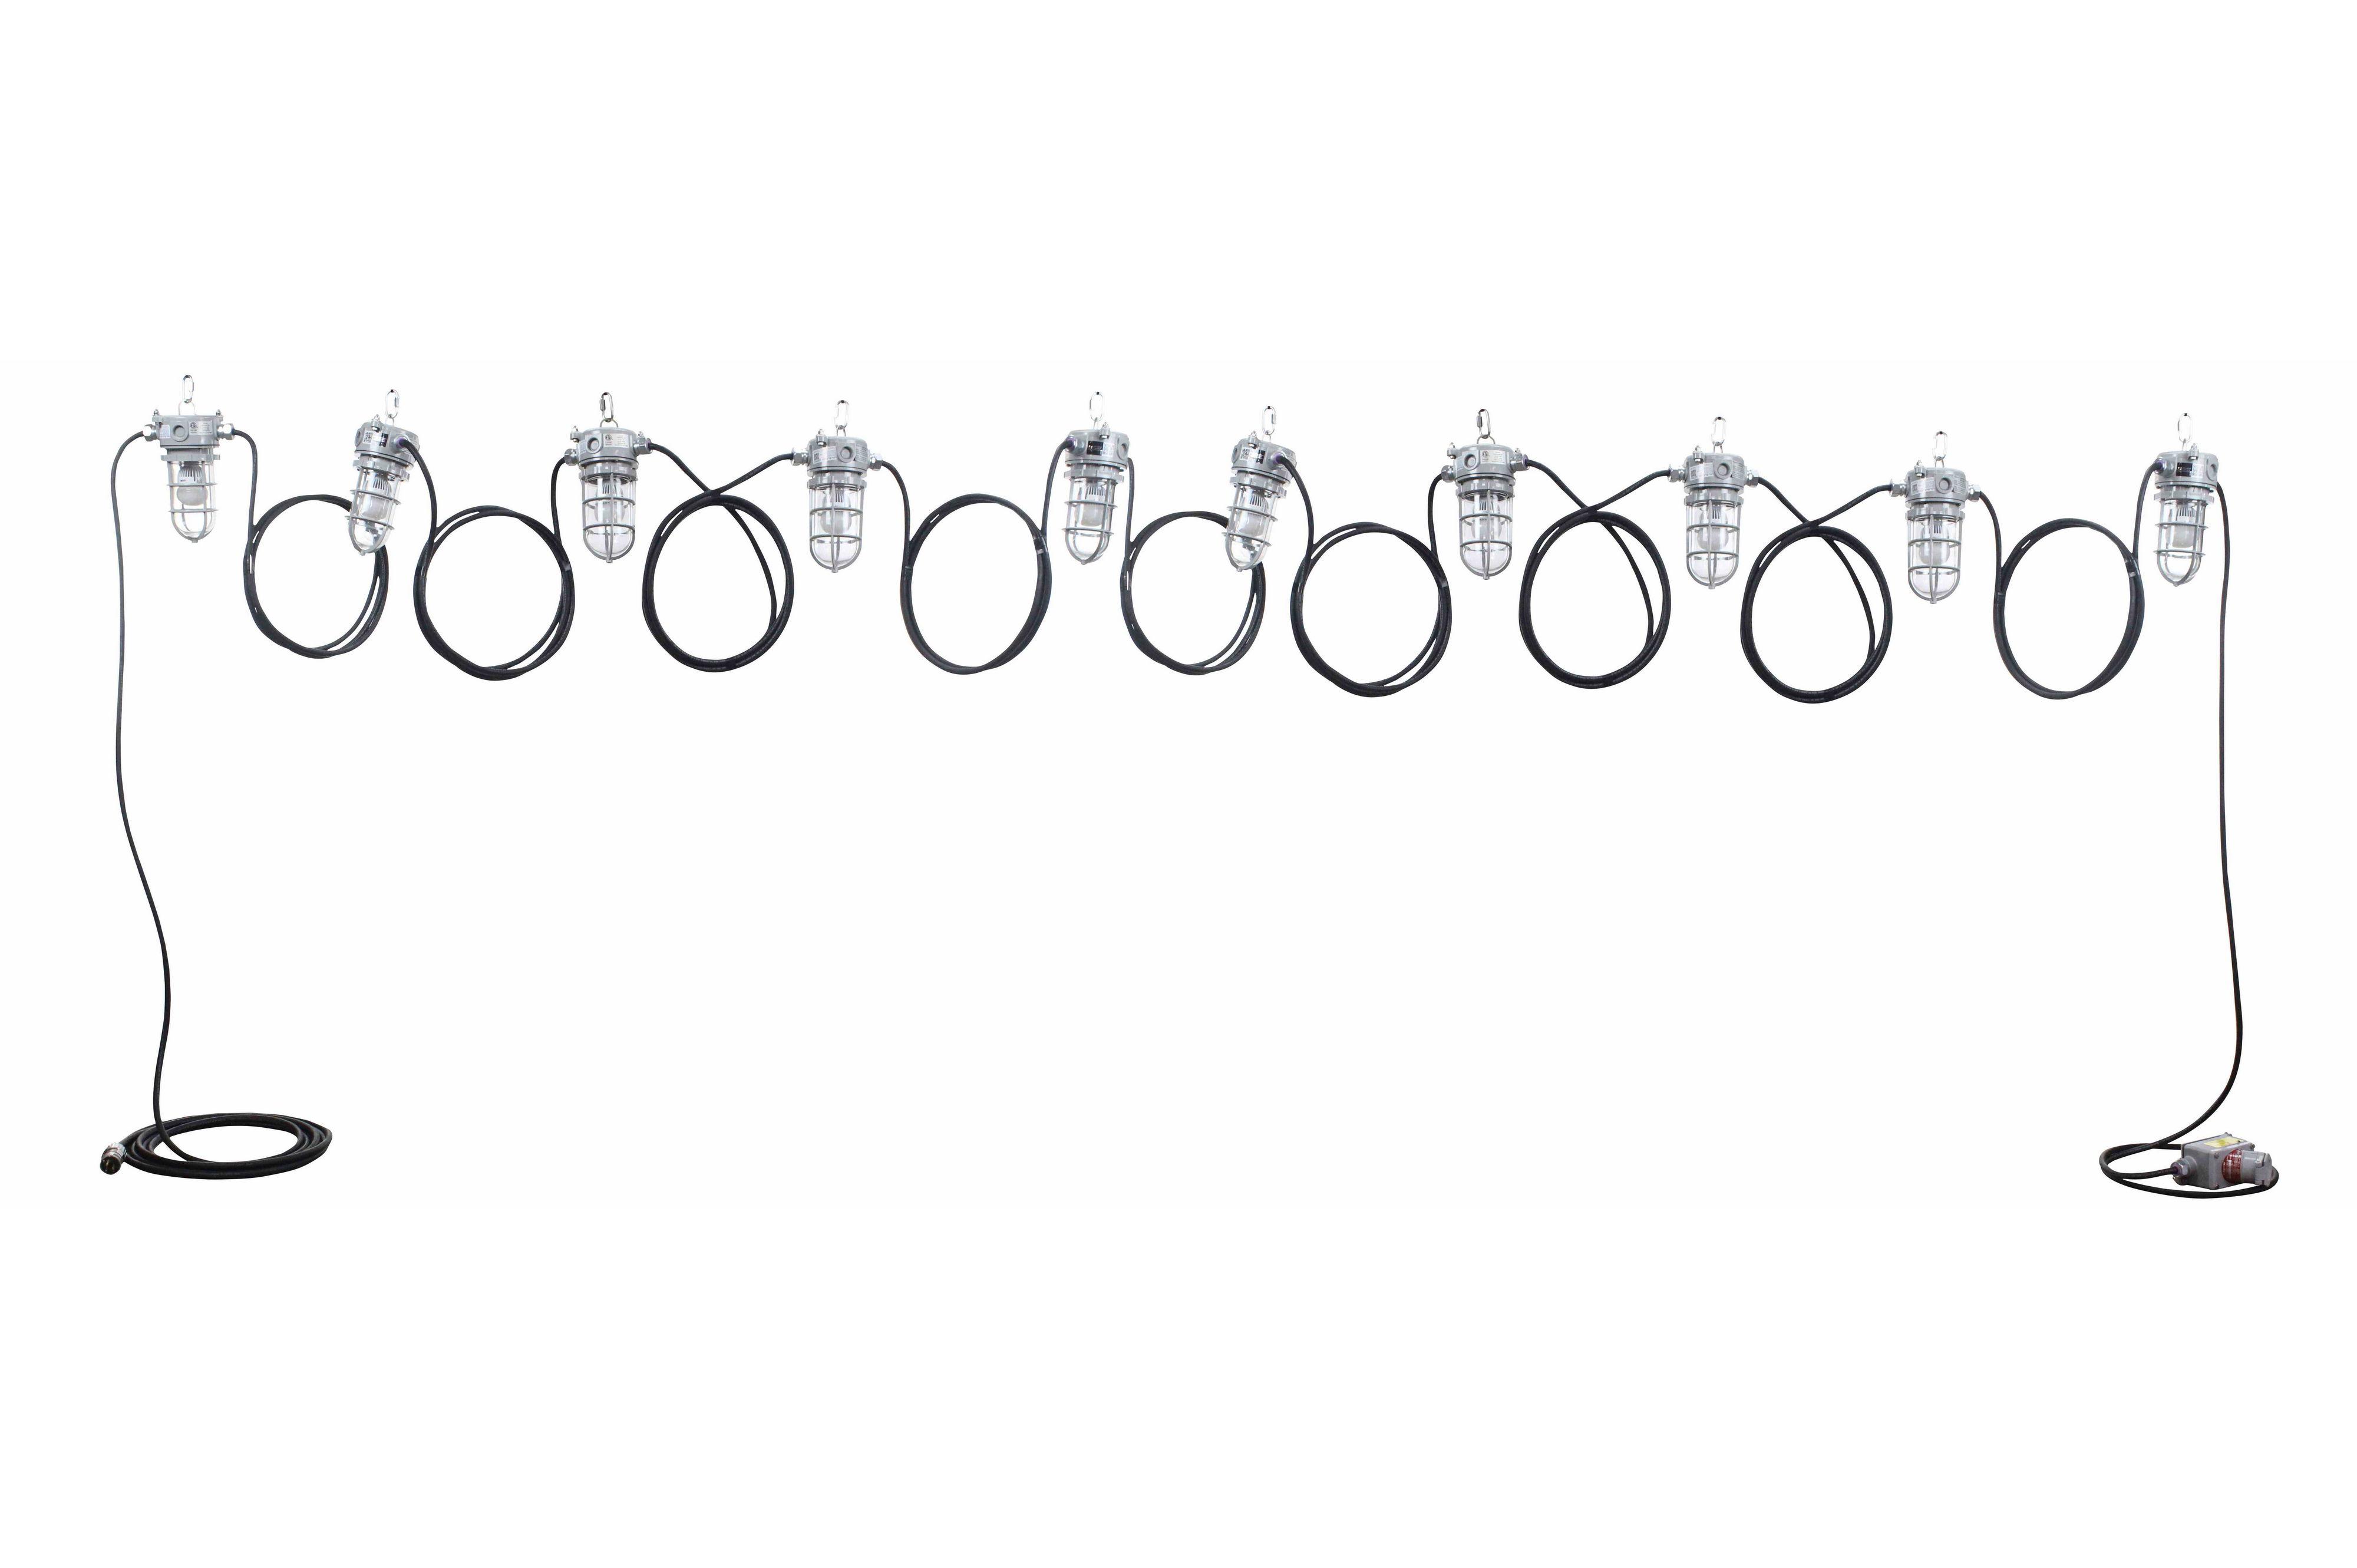 Led Hanging String Lights